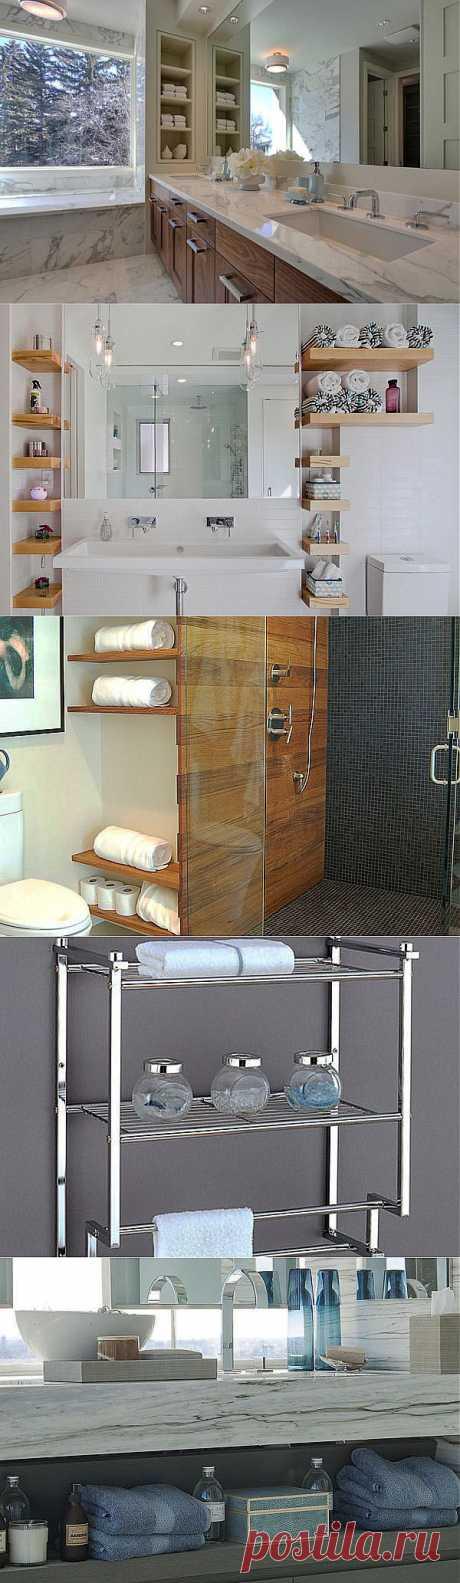 Как сделать идеальную ванную комнату! Тильный и практичные советы обустройства ванной комнаты!.